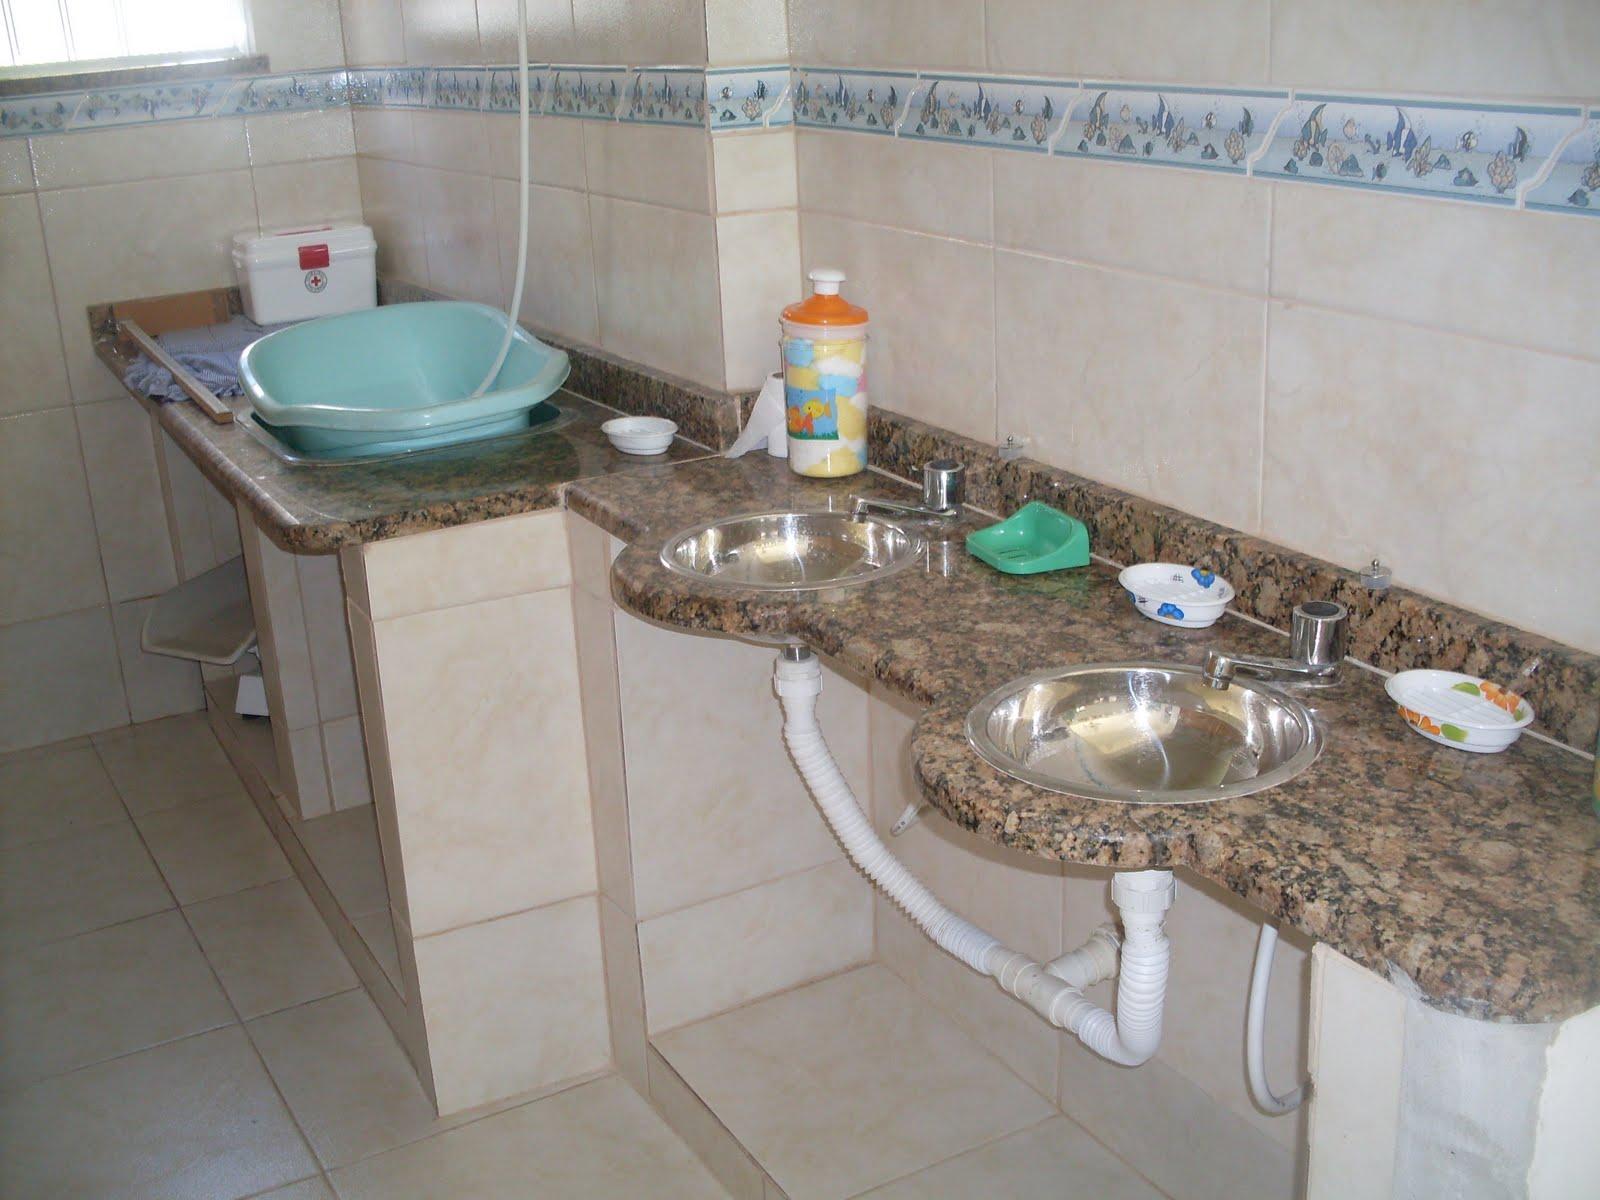 #467B6F Creche Pequeno Aprendiz: Banheiros Lavabos e Fraldário 1600x1200 px Banheiros Pequenos E Lavabos 343